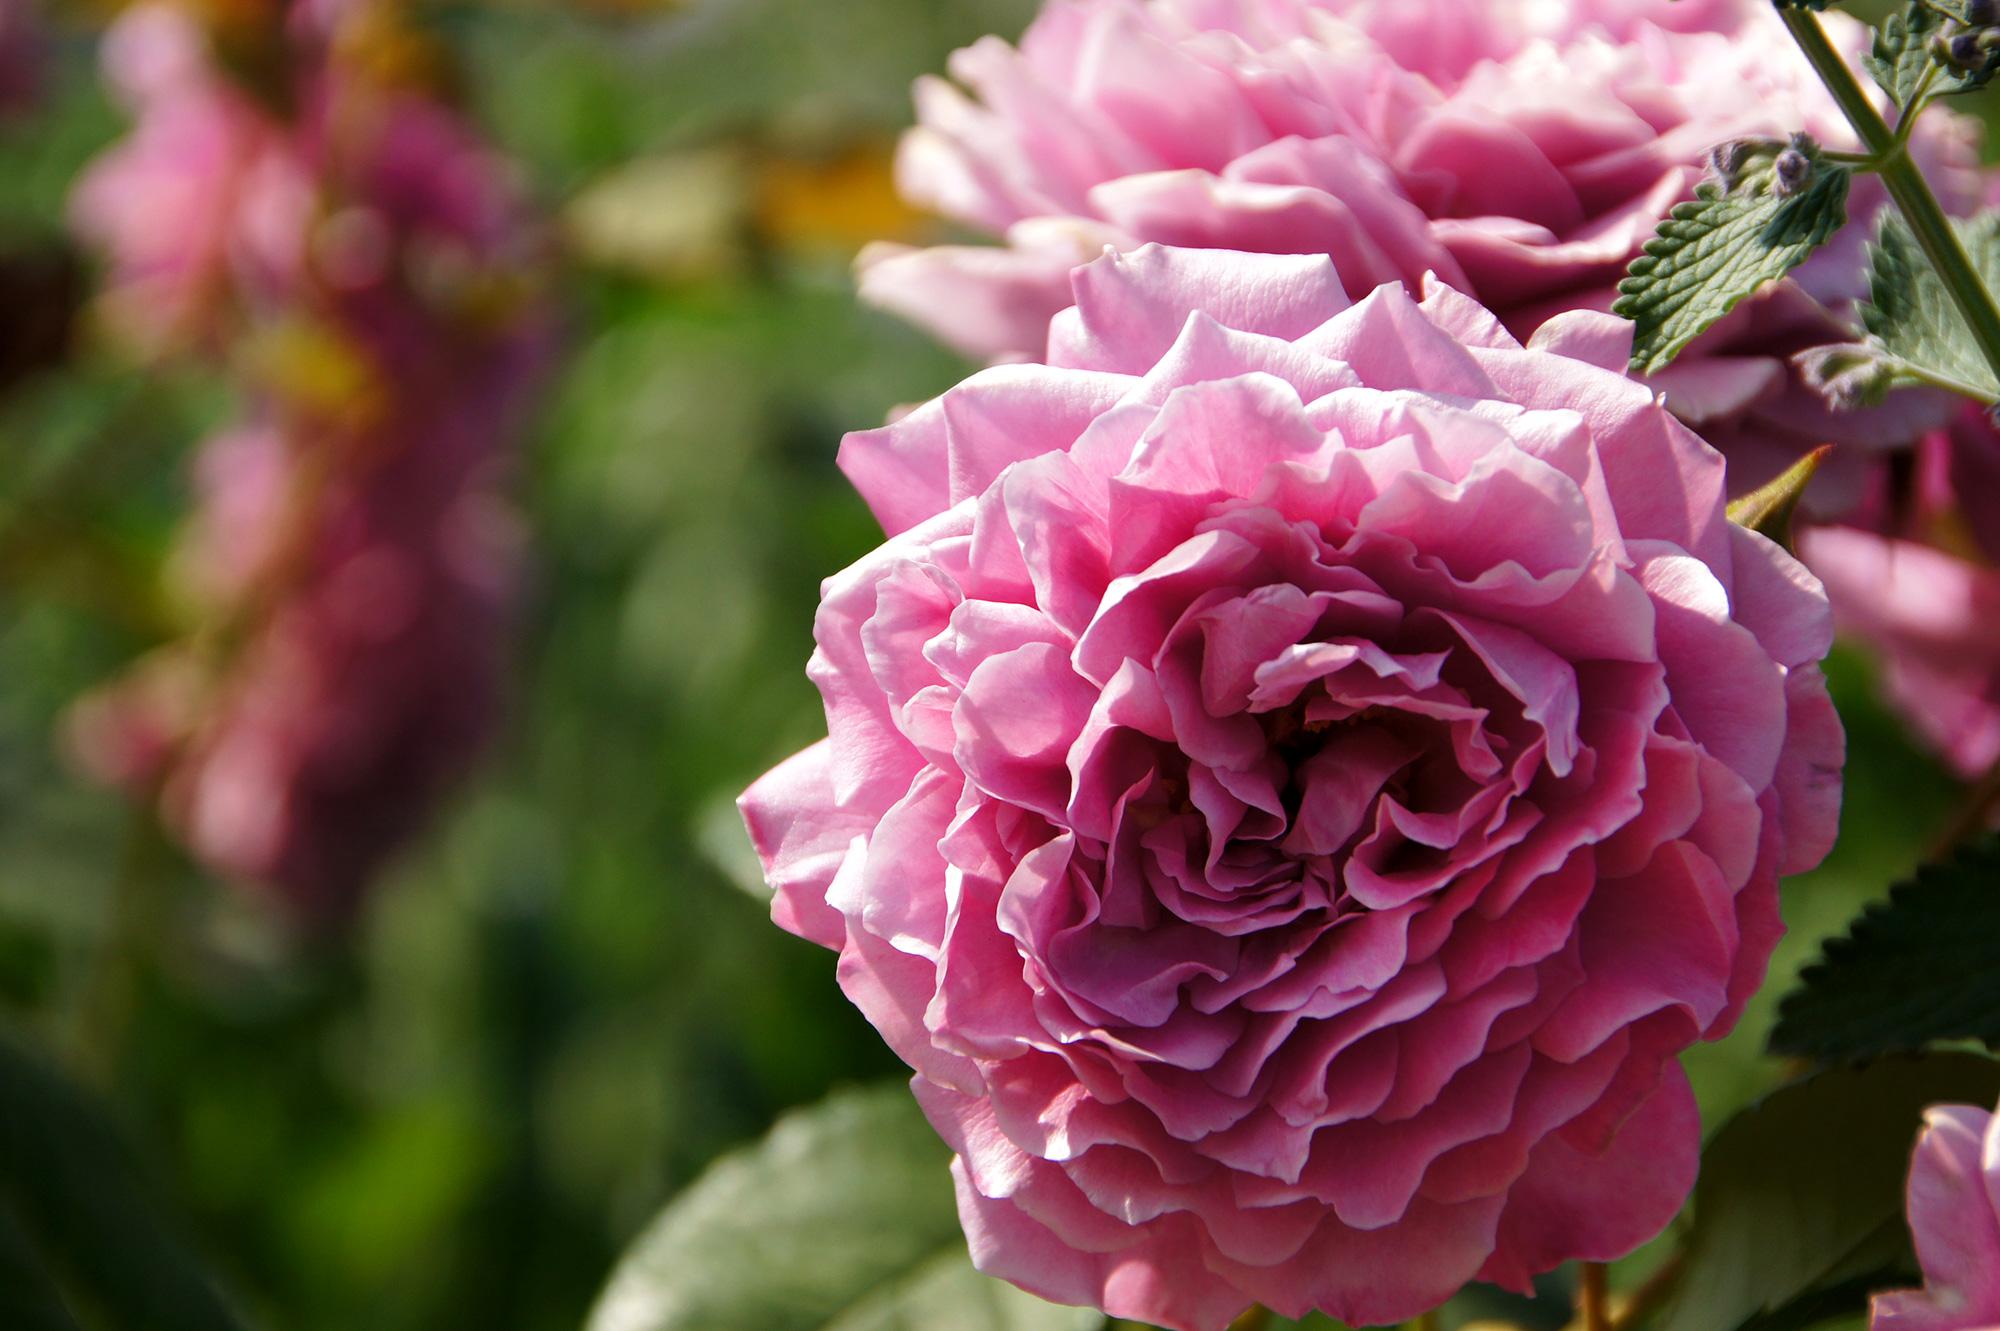 明るい屋外の花壇に咲く薔薇のフリー素材